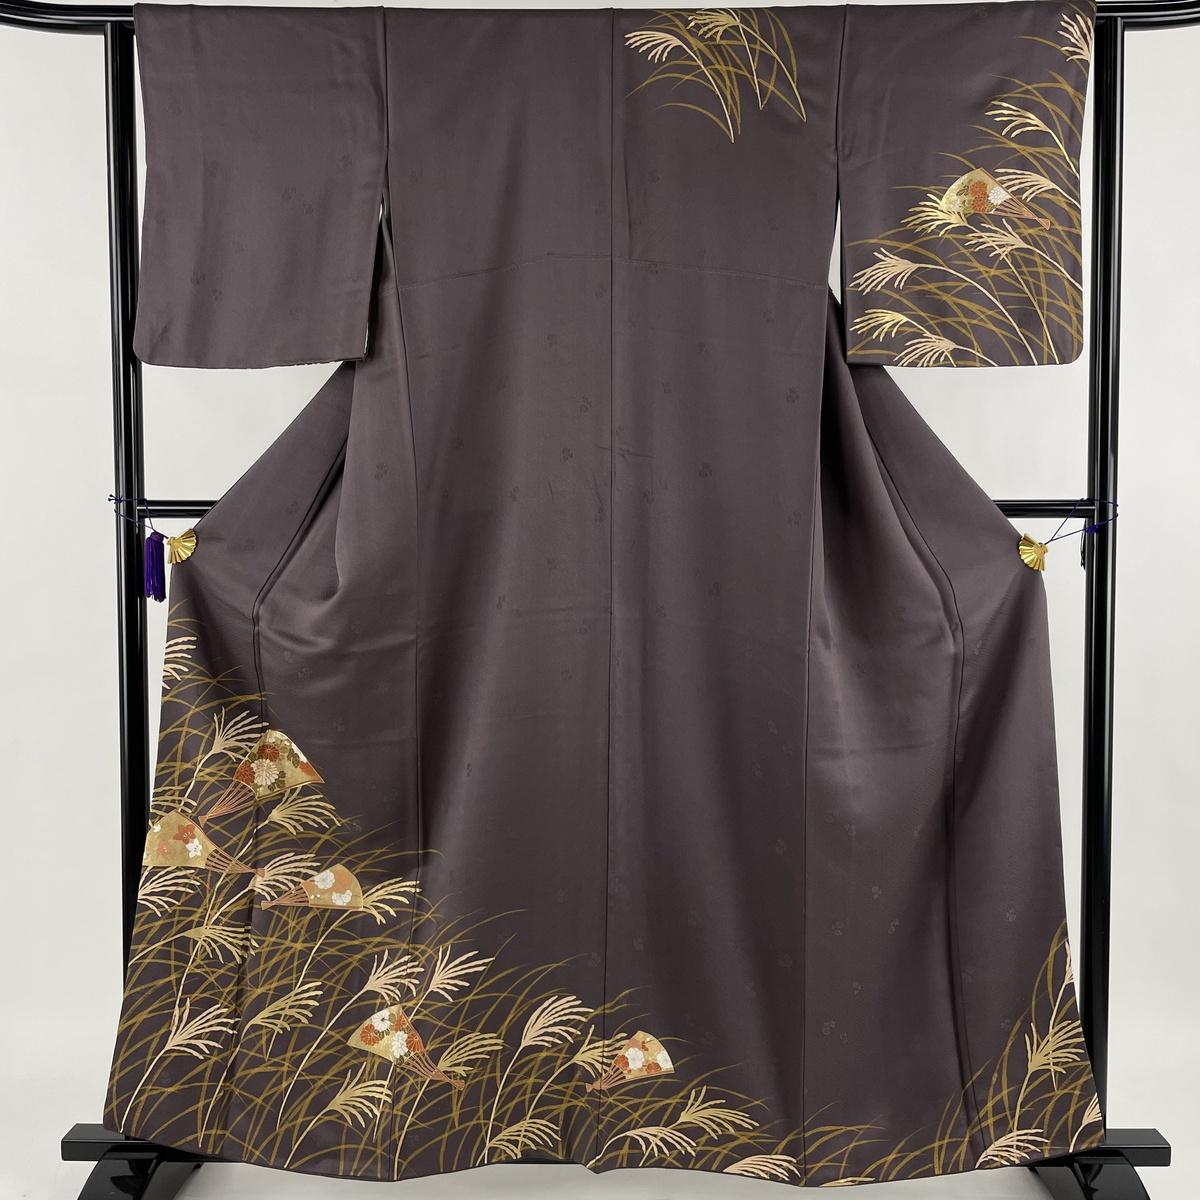 ランクA 着物 リサイクル 送料無料 新色 訪問着 美品 秀品 すすき 扇 63cm 正絹 金彩 中古 S 紫 金糸 158.5cm 売り込み 袷